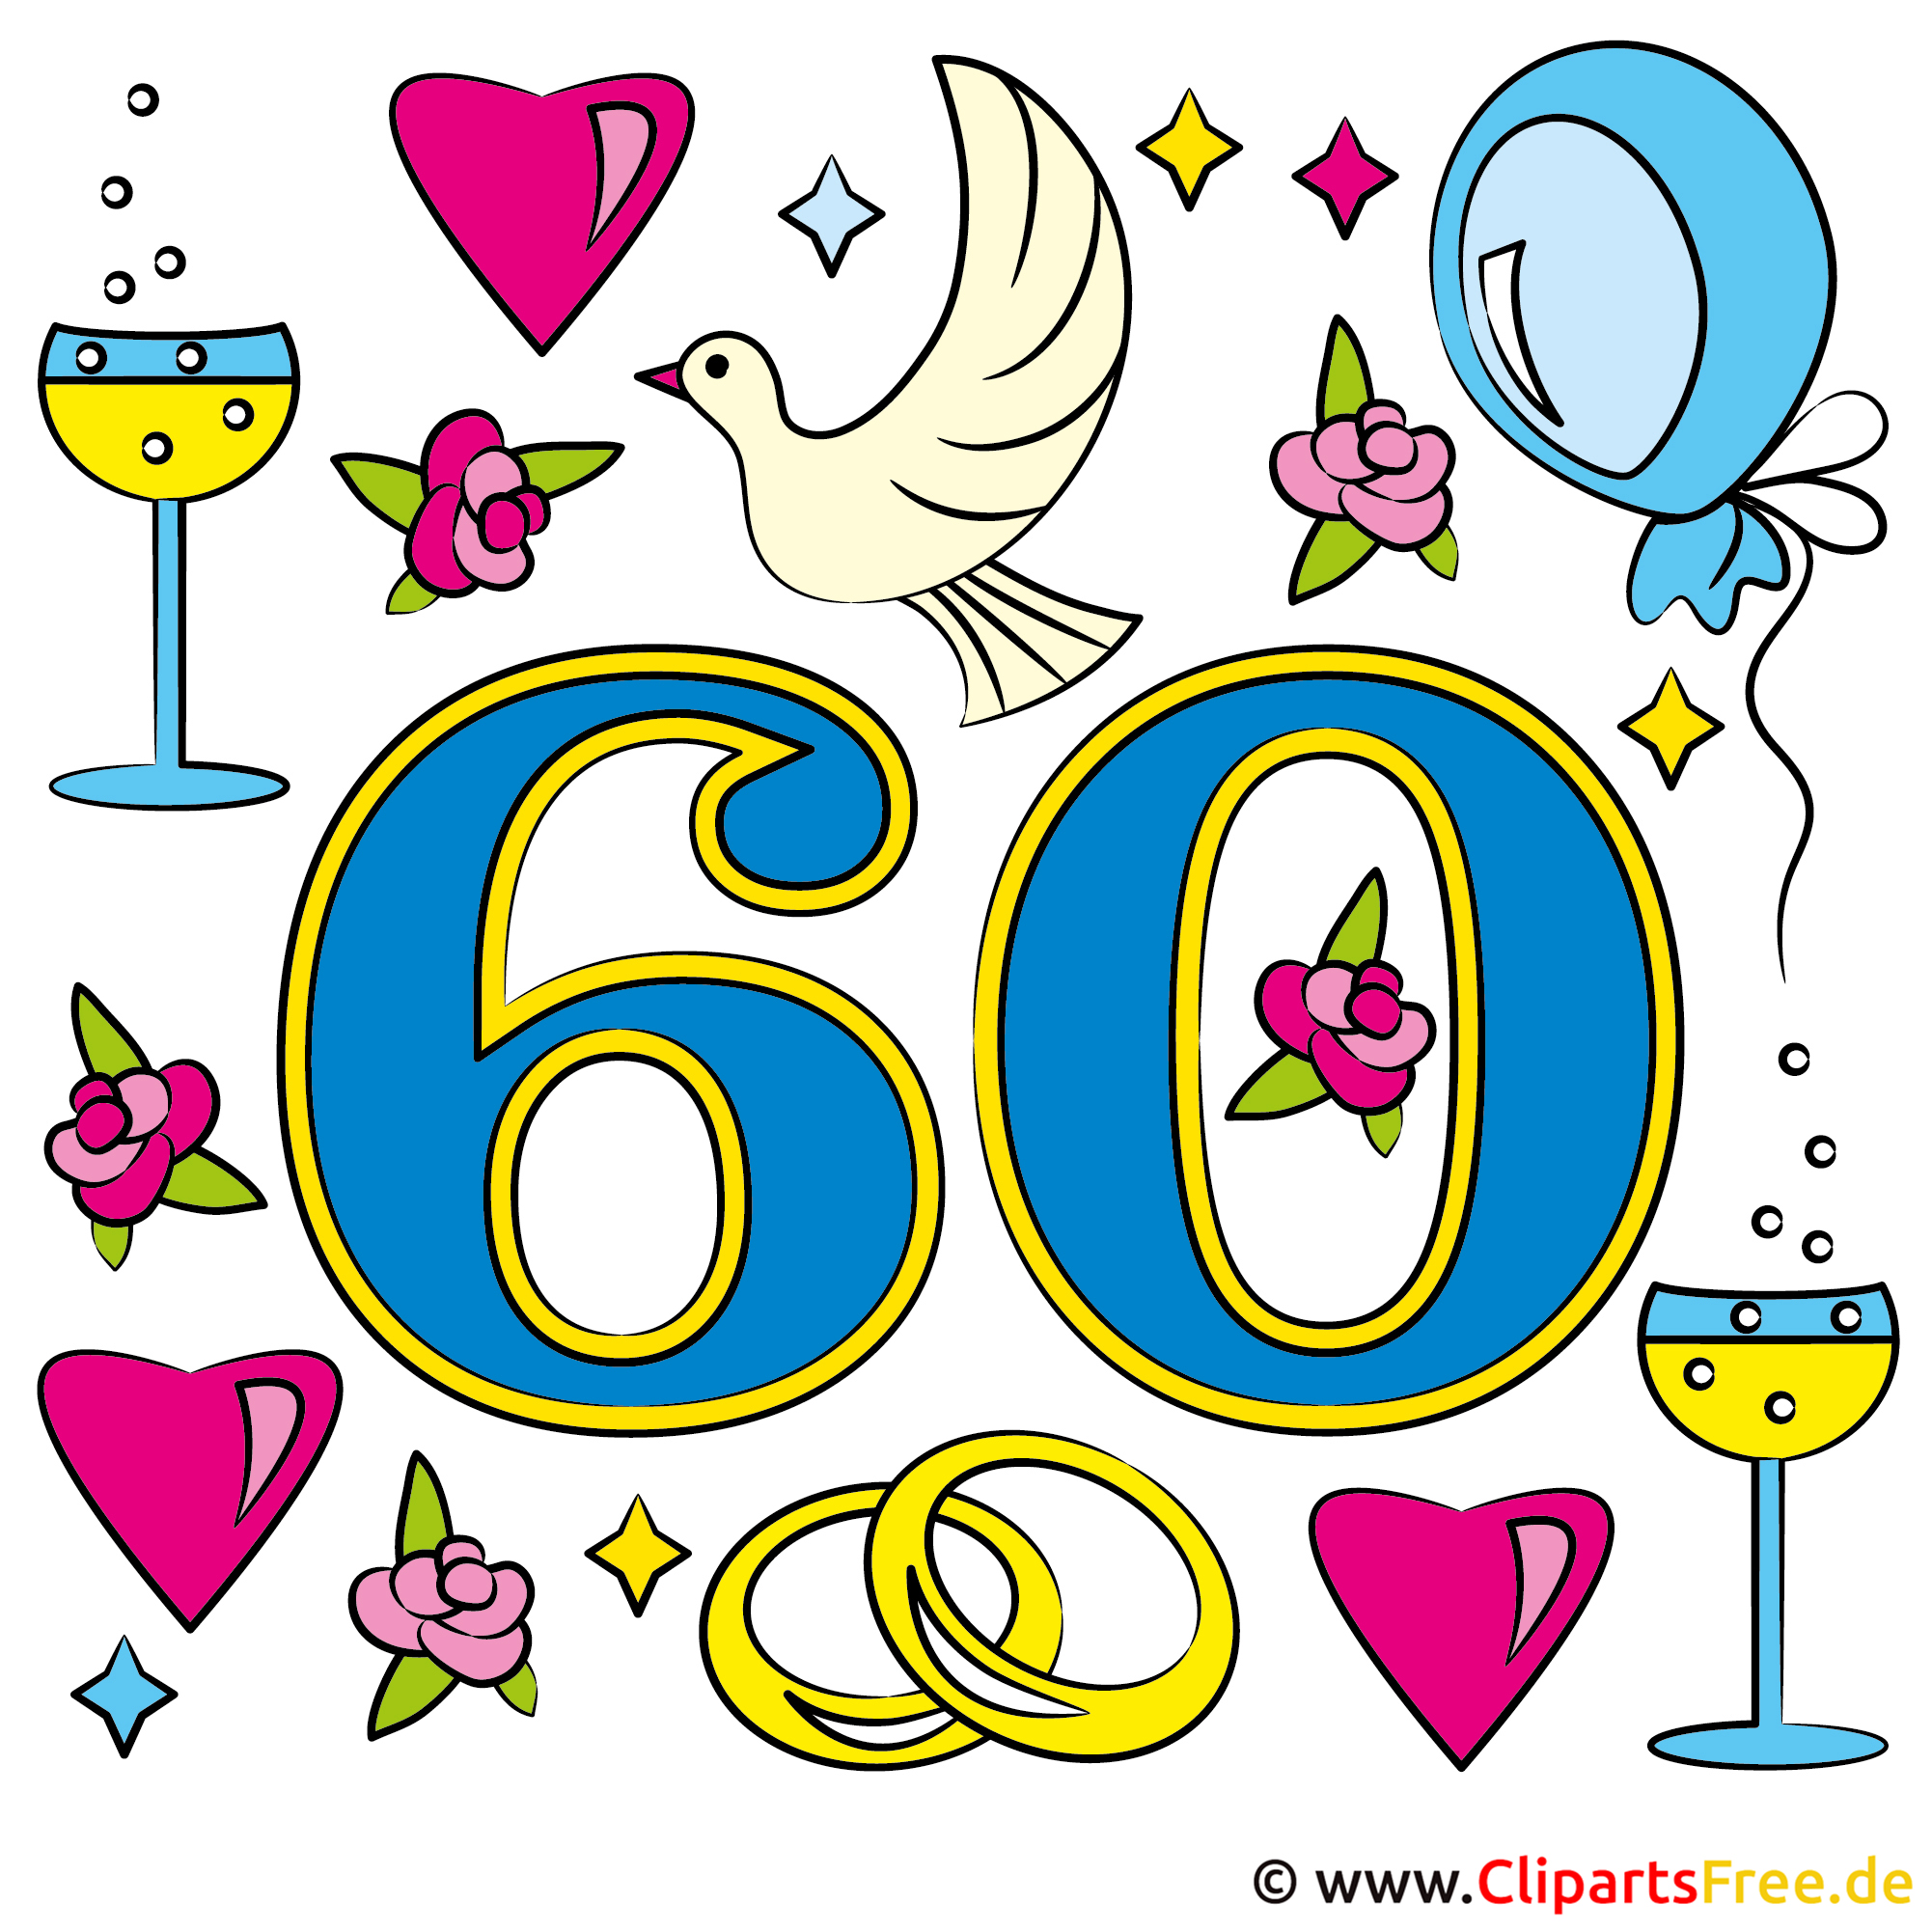 Hochzeitstage 60 Diamantene Hochzeit Gluckwunsche